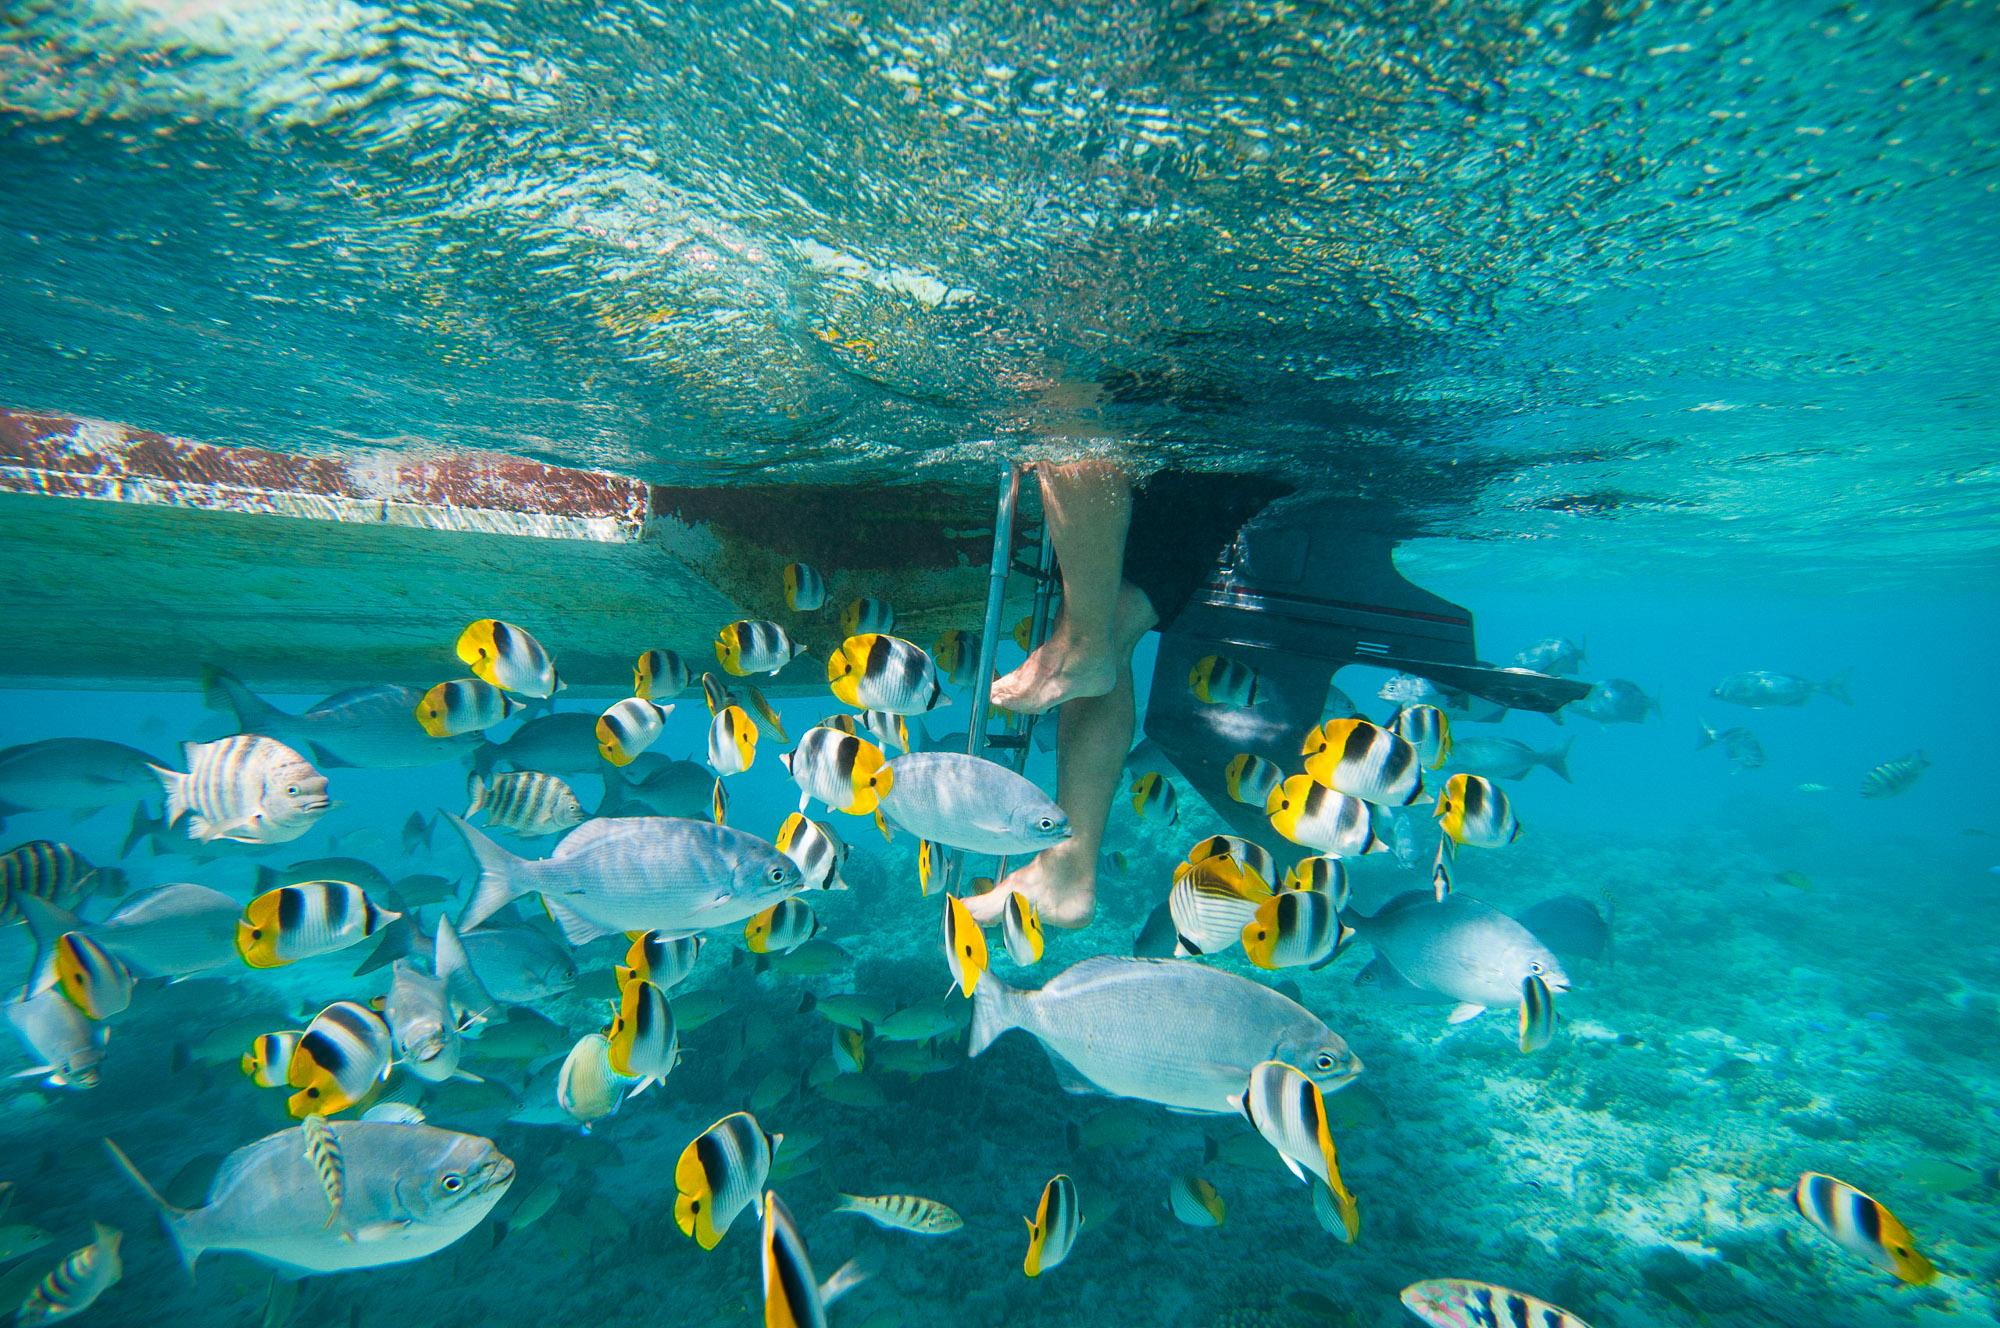 Cook Islands. © www.thomaspickard.com